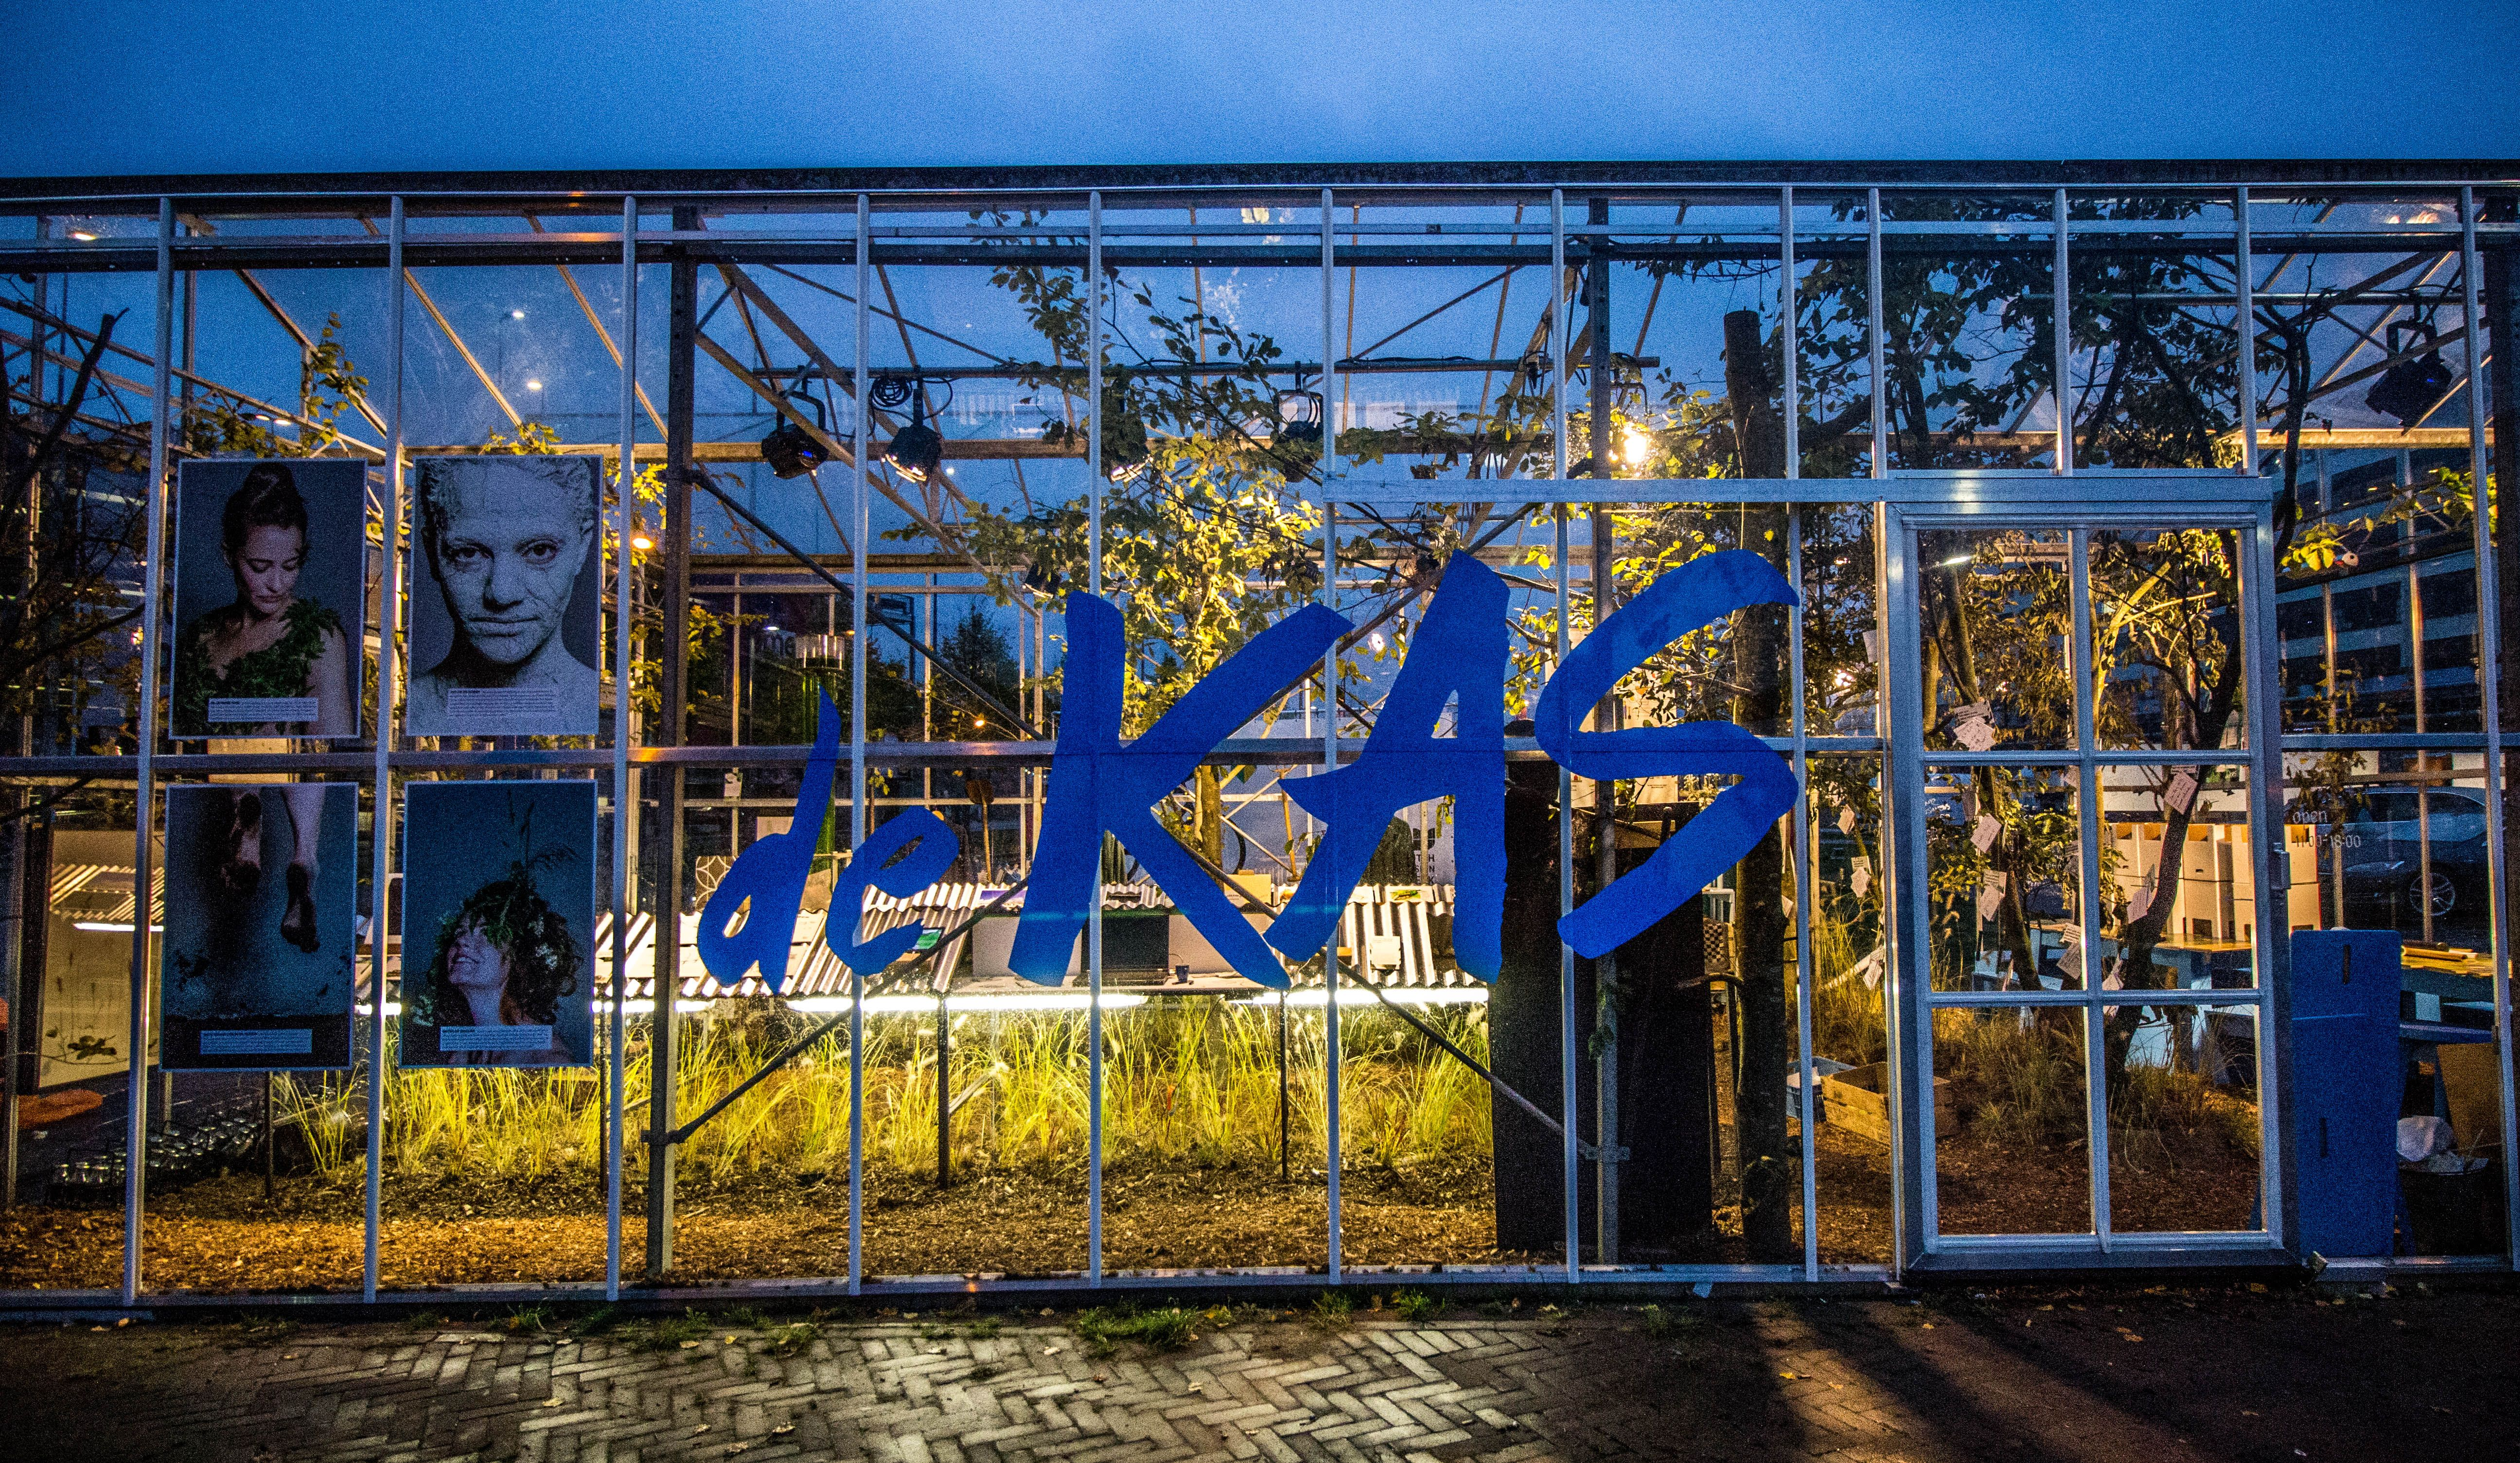 de KAS at the Dutch Design Week